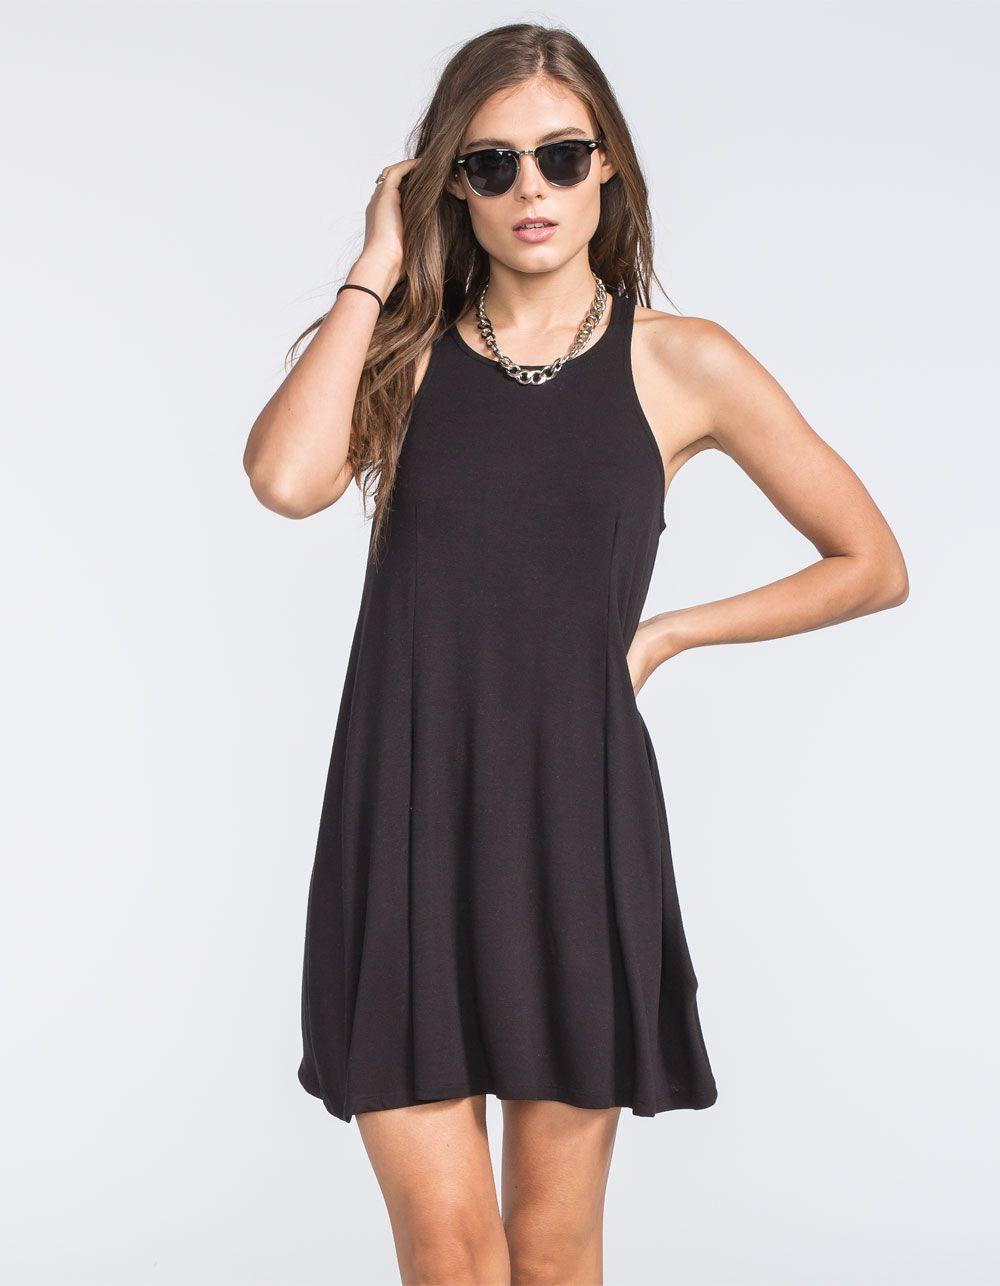 Full Tilt High Neck Swing Dress 253365100 Boho Grunge Short Dresses Knit Swing Dress Swing Dress [ 1286 x 1000 Pixel ]